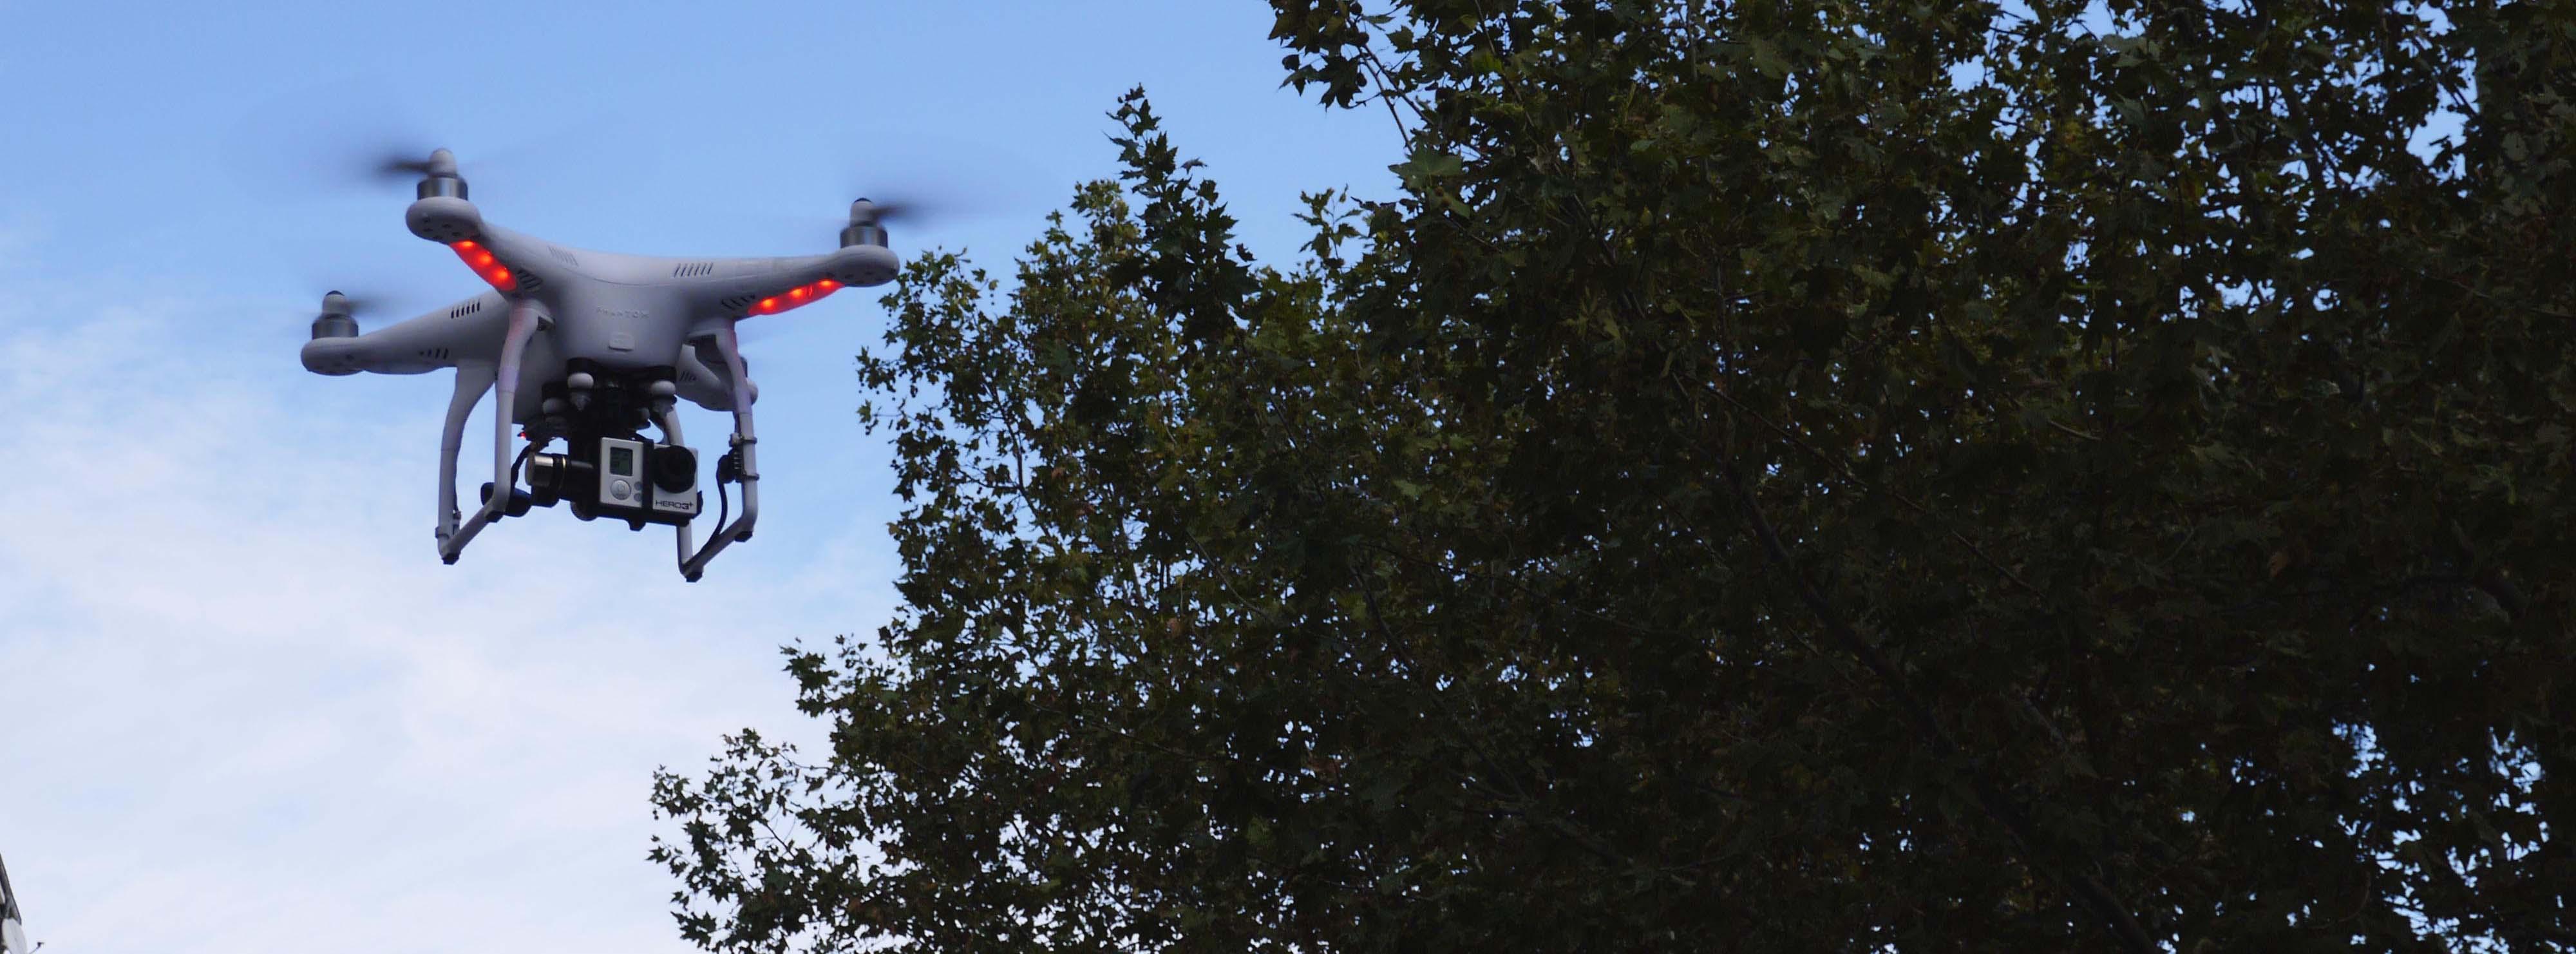 Equipo de filmacion aerea: 2 operadores para grabar imágenes aereas